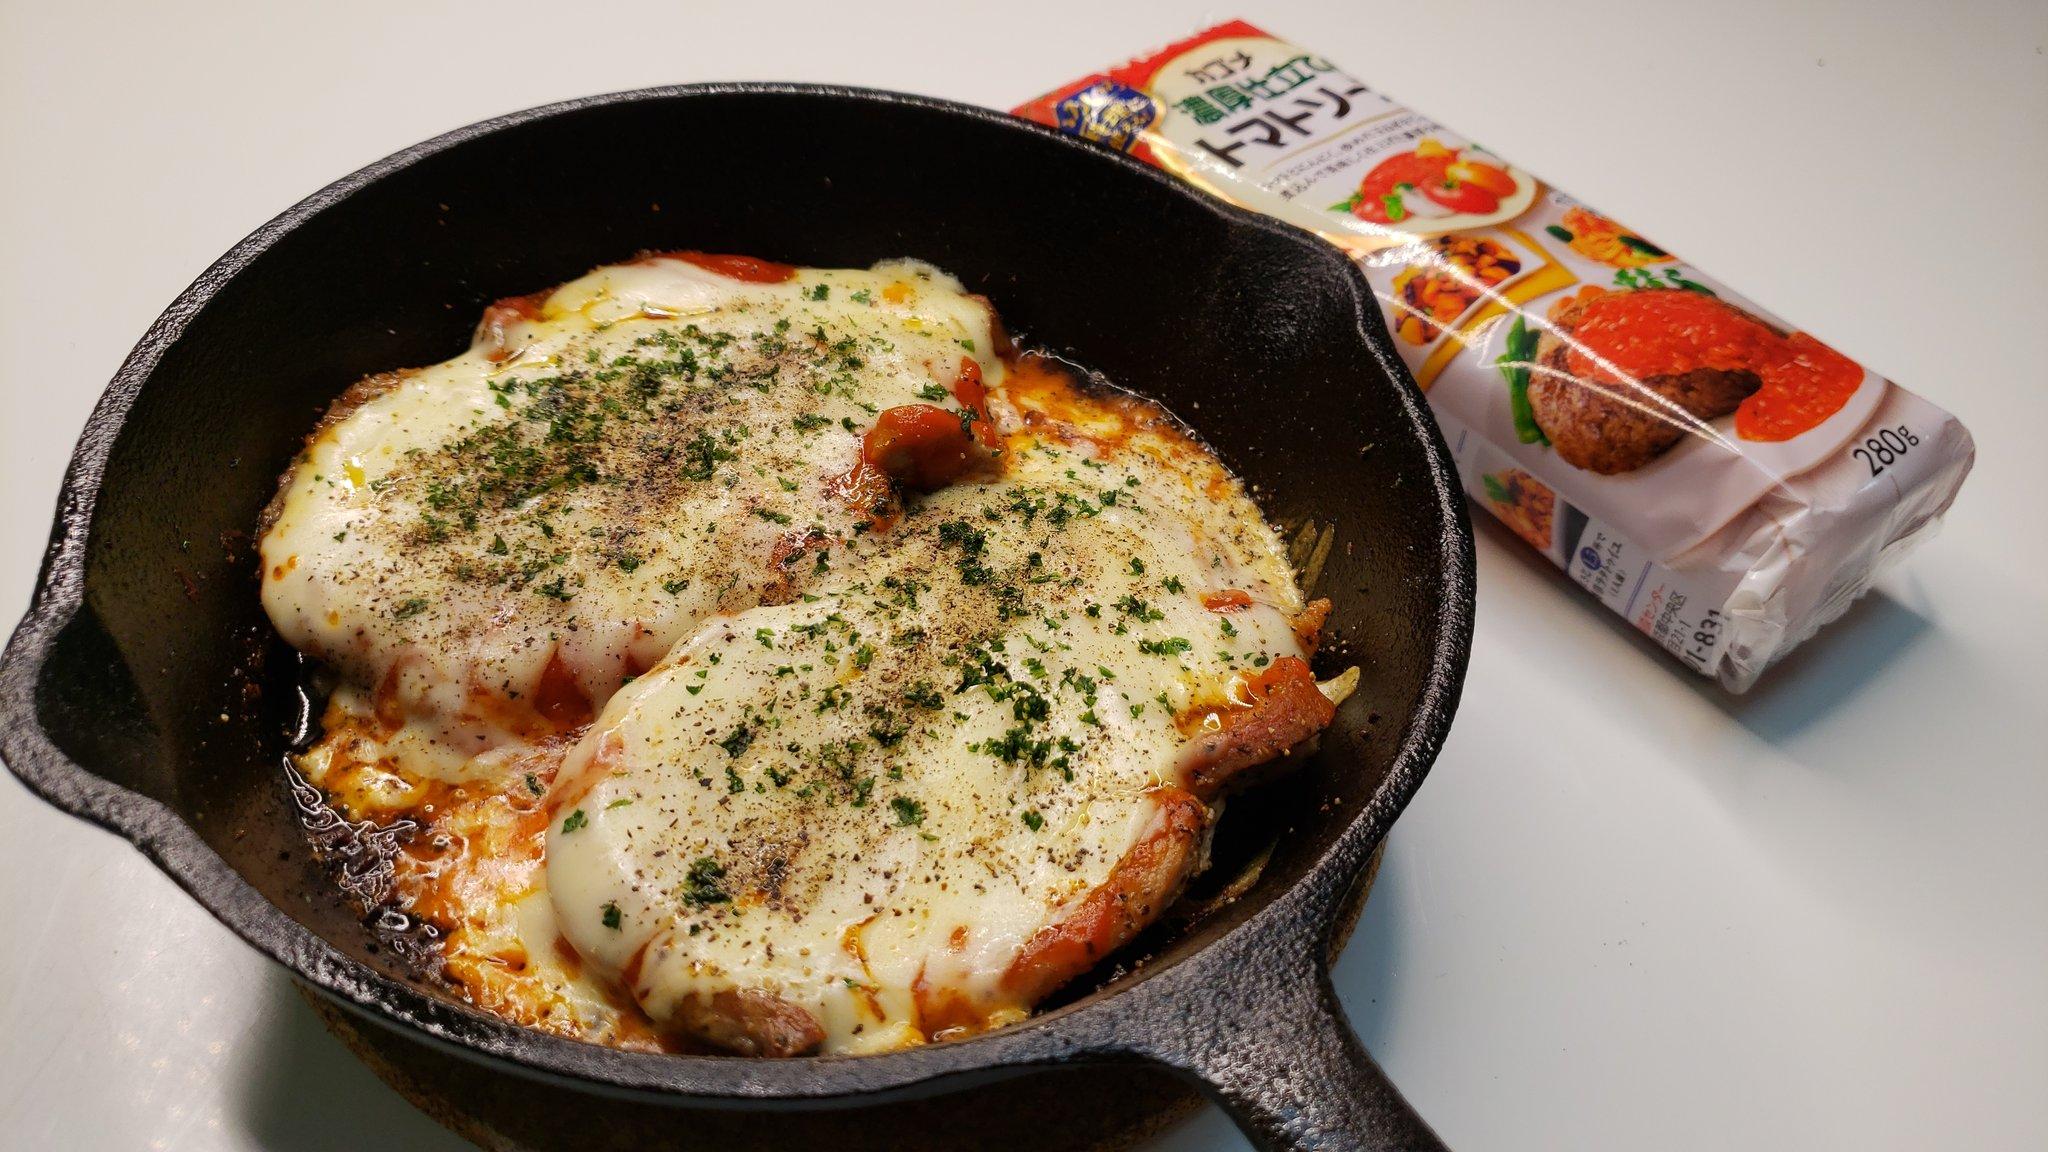 生地の代わりに肉でピザ作ったらとんでもなく旨い悪魔メシが爆誕しました 「肉ピザ」 豚ロース二枚に塩コショウしてオリーブ油大さじ1で両面焼き、カゴメ様から頂いた「カゴメ 濃厚仕立てのトマトソース」を大さじ4塗りチーズ60gを乗せ蓋をしとろけたら完成 黒胡椒、タバスコを振ってどうぞ!!